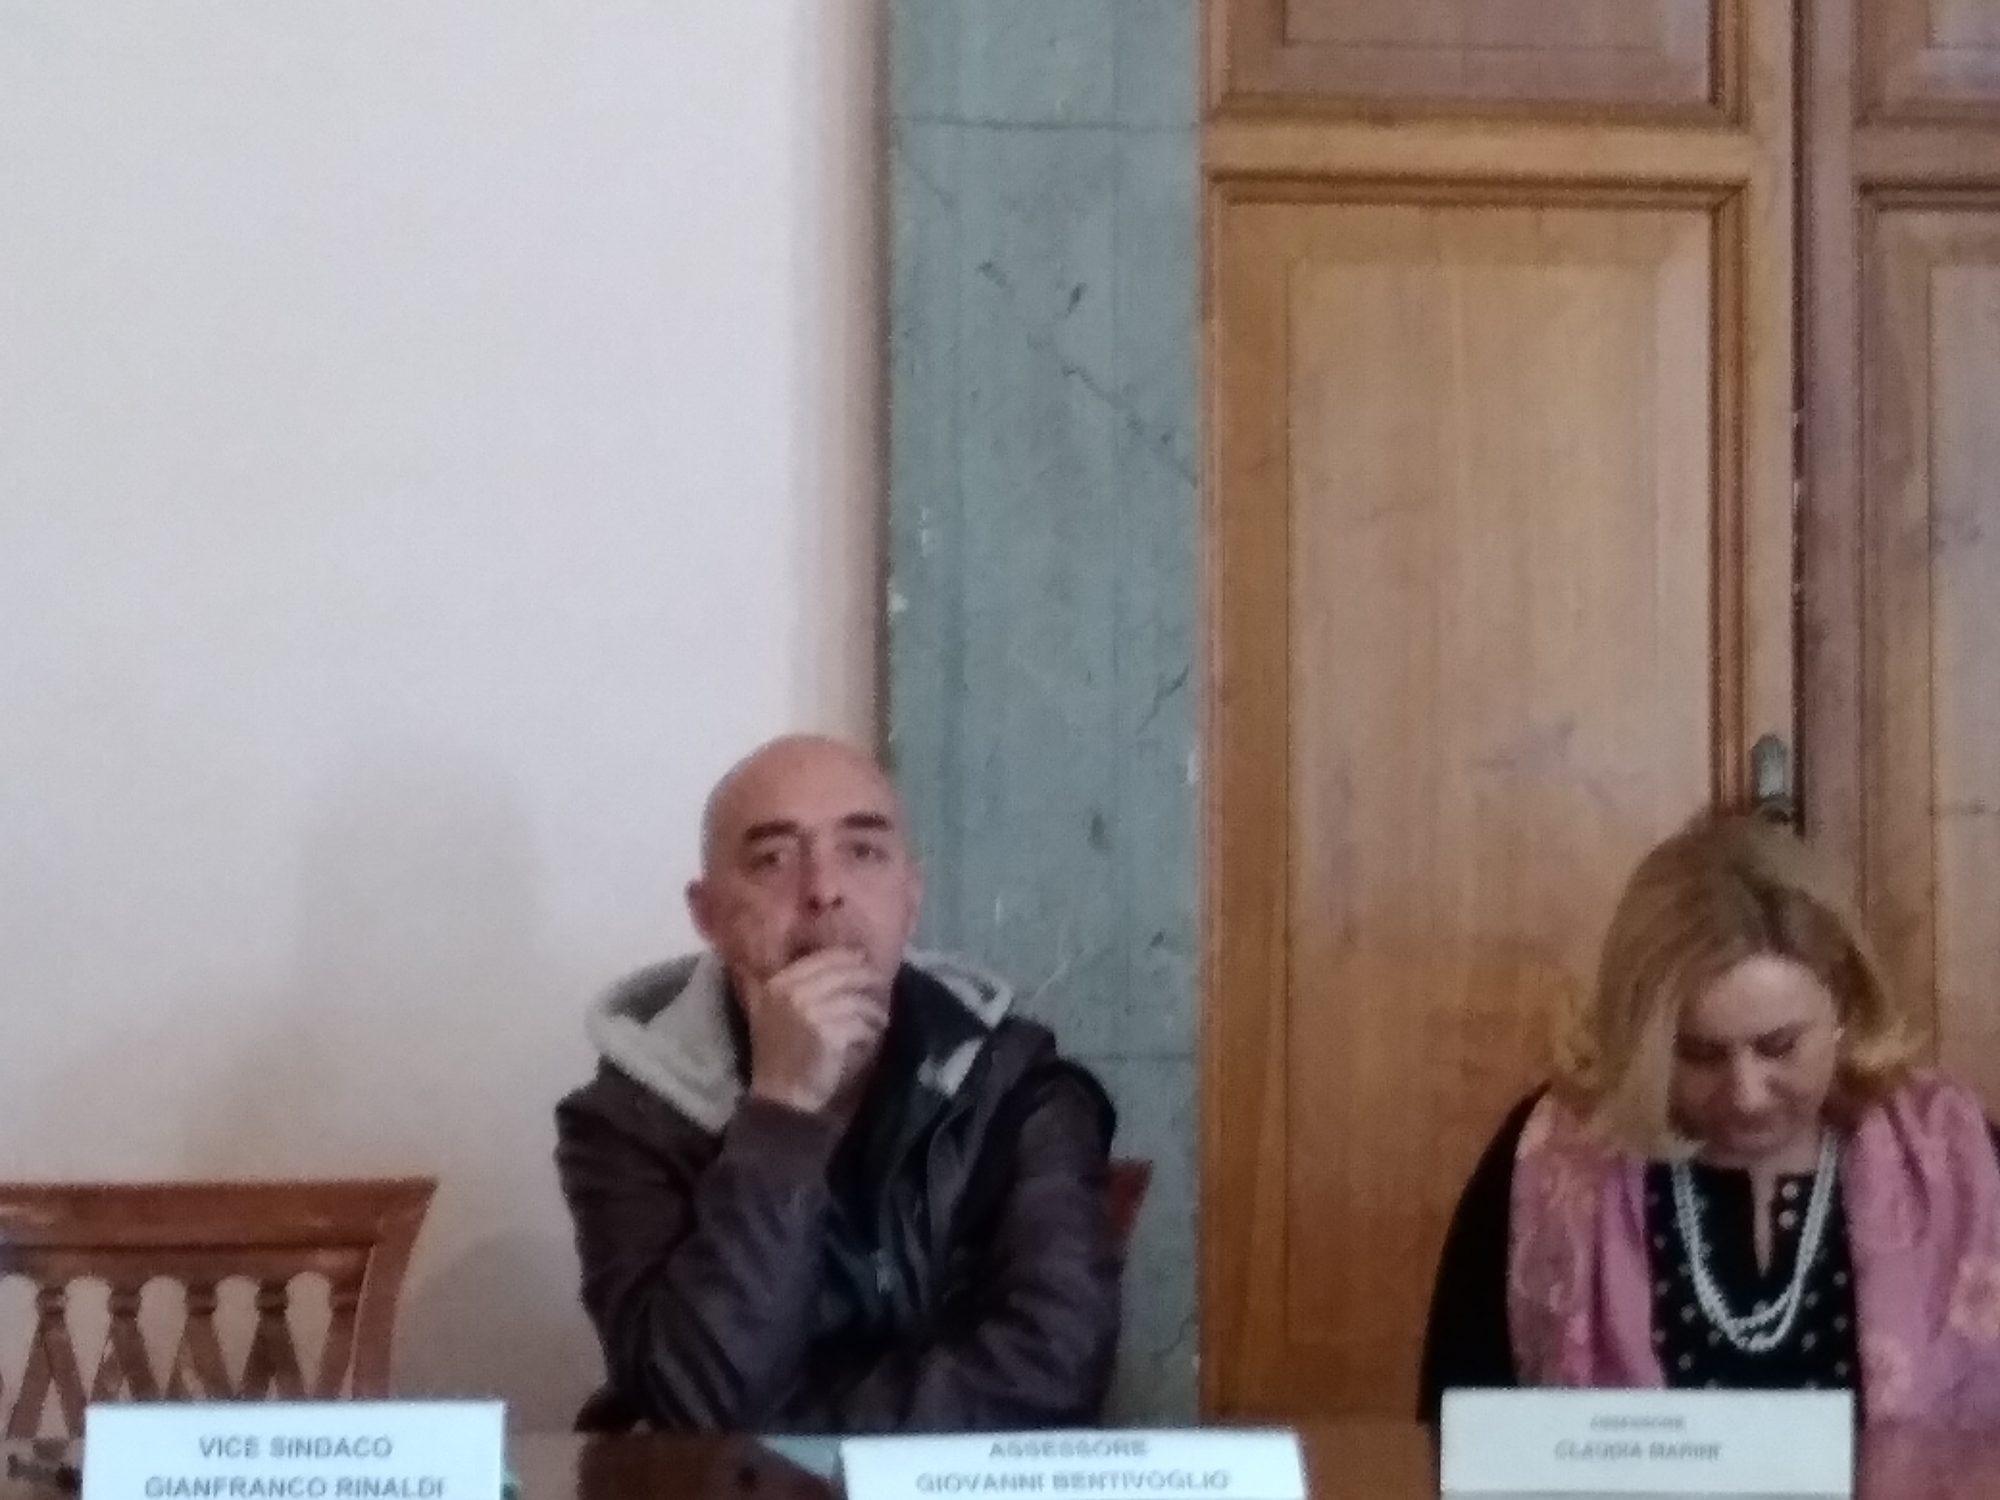 Giovanni Bentivoglio e Bracciano: il feeling c'è. Ma quanto durerà?